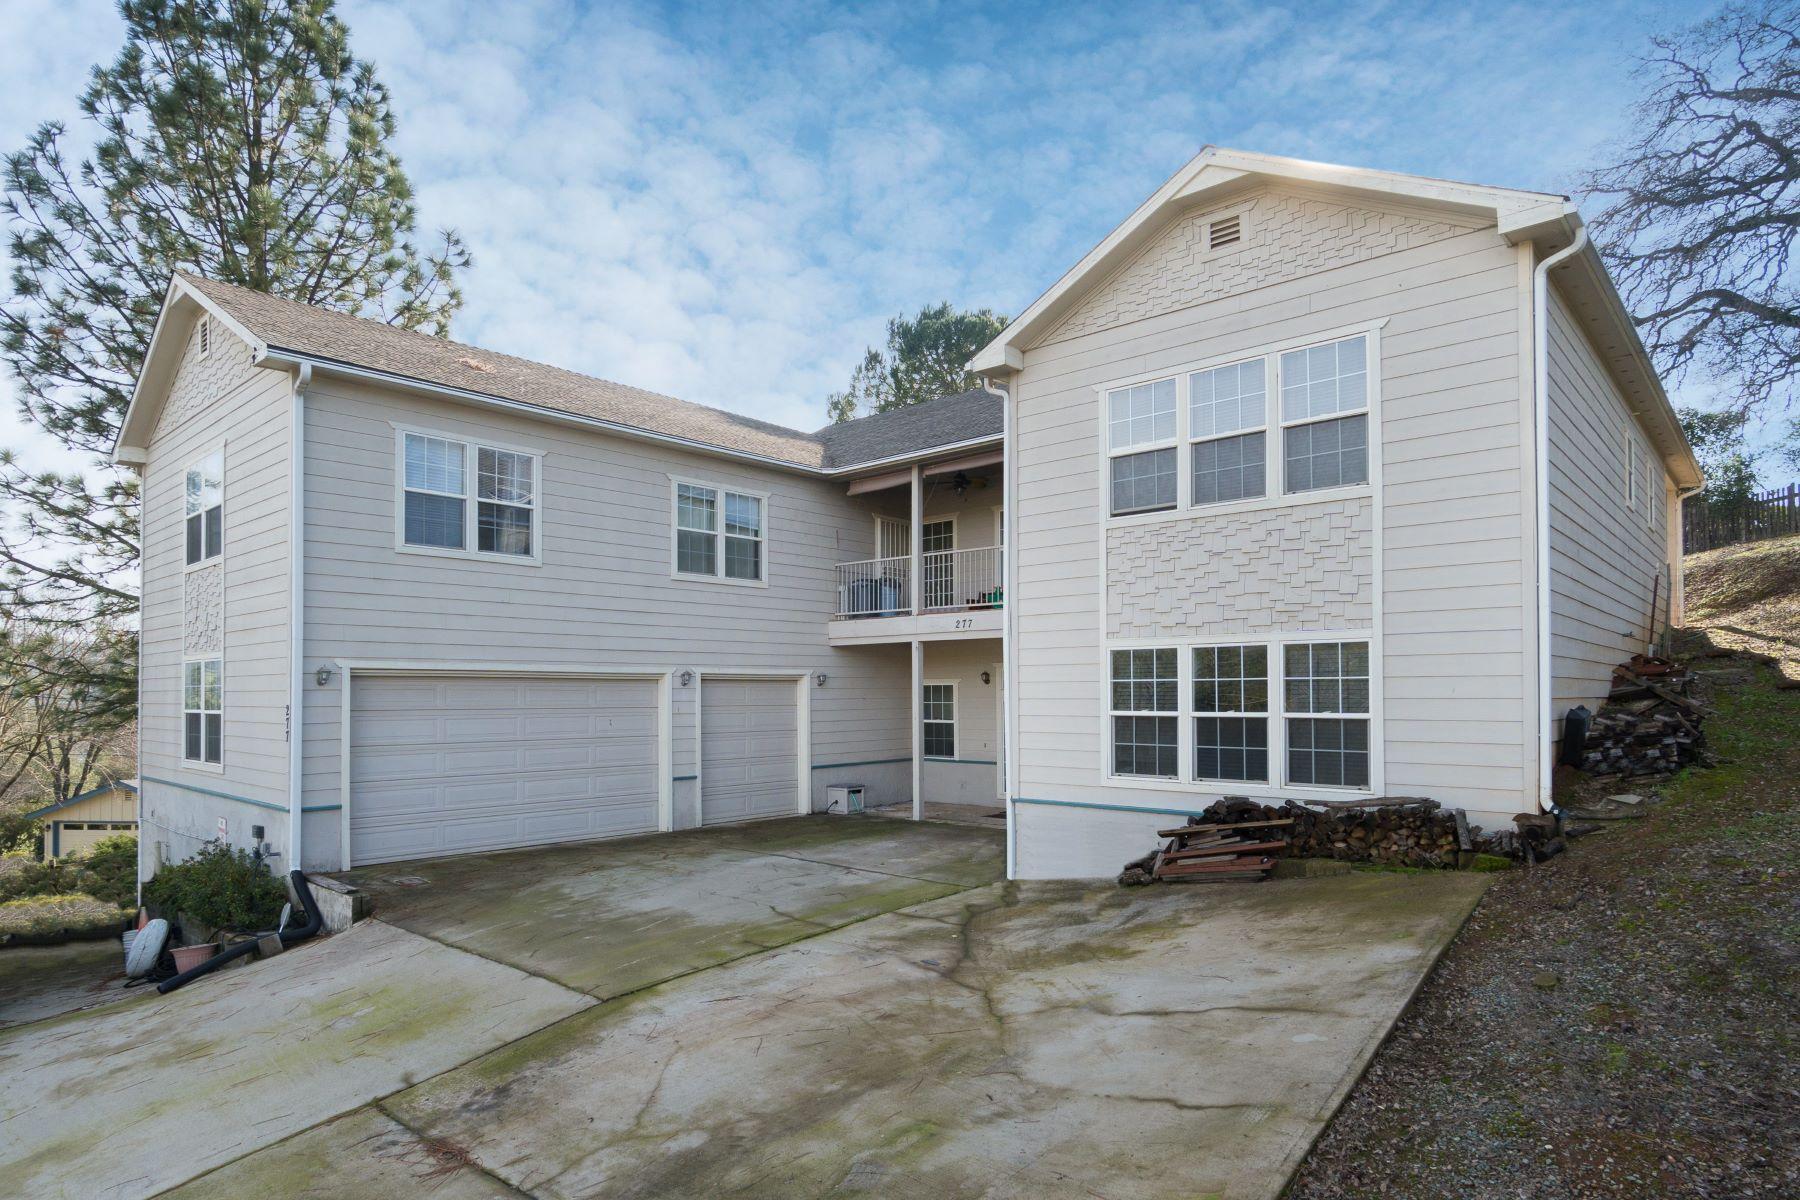 Einfamilienhaus für Verkauf beim Large Home with great views over the surrounding hills 277 Columbia Way Sutter Creek, Kalifornien 95685 Vereinigte Staaten